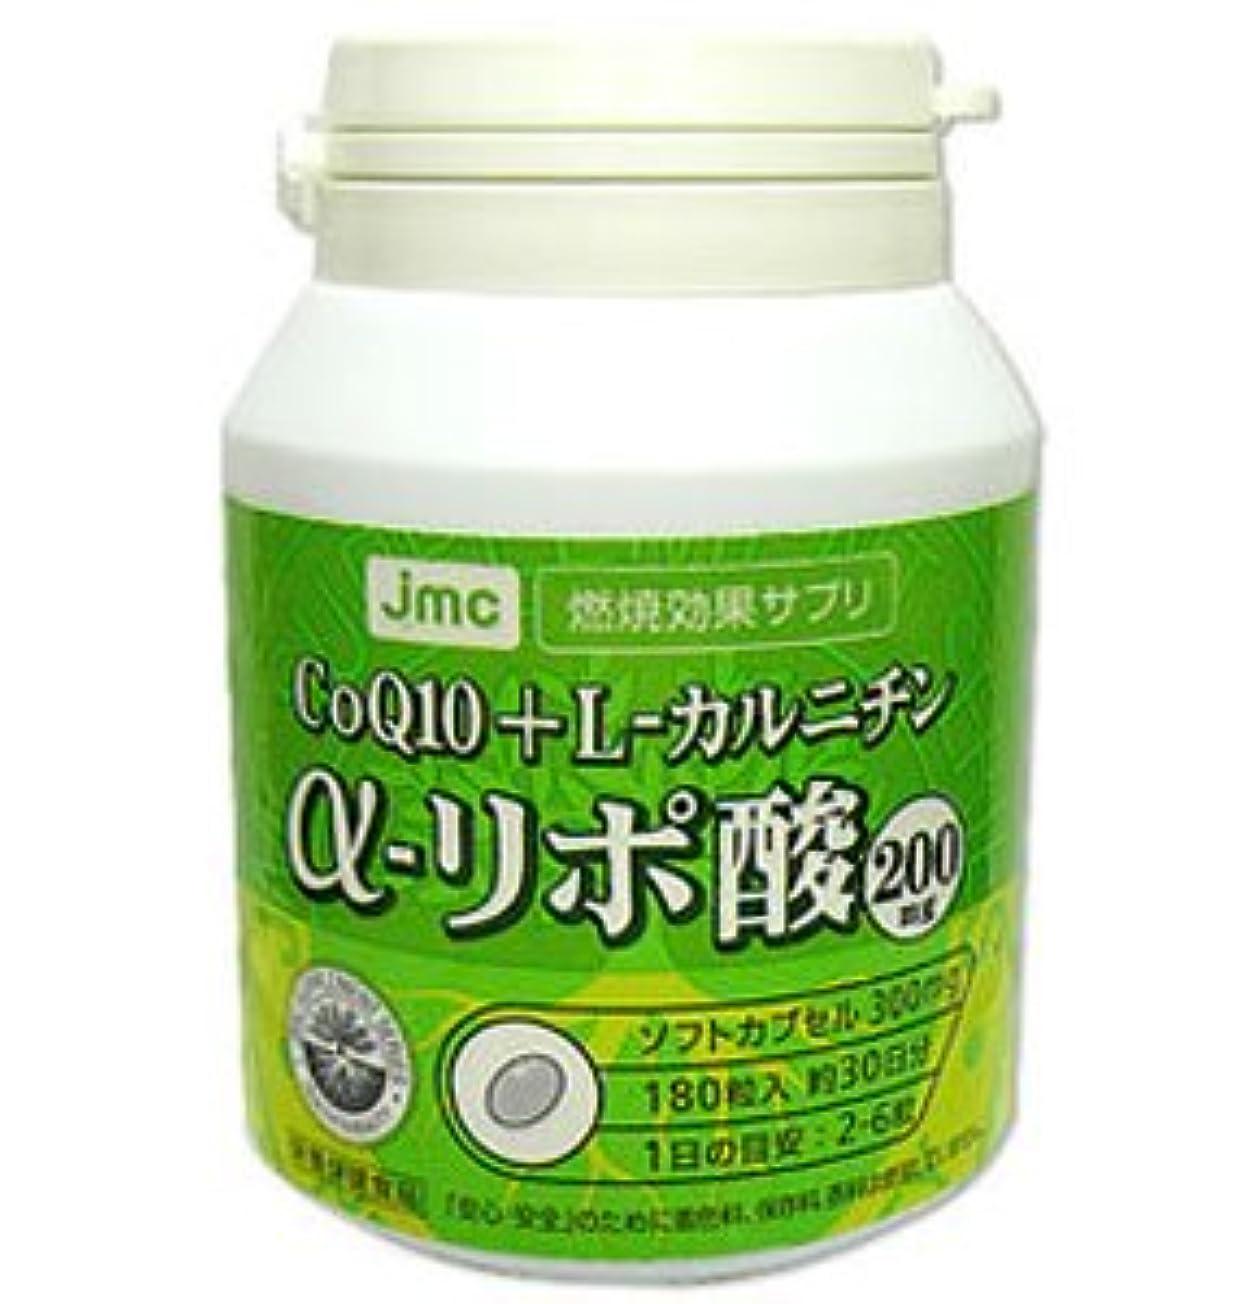 提供されたジョイントトリクルα-リポ酸200mg(αリポ酸、COQ10、L-カルニチン、共役リノール酸配合ダイエットサプリ)